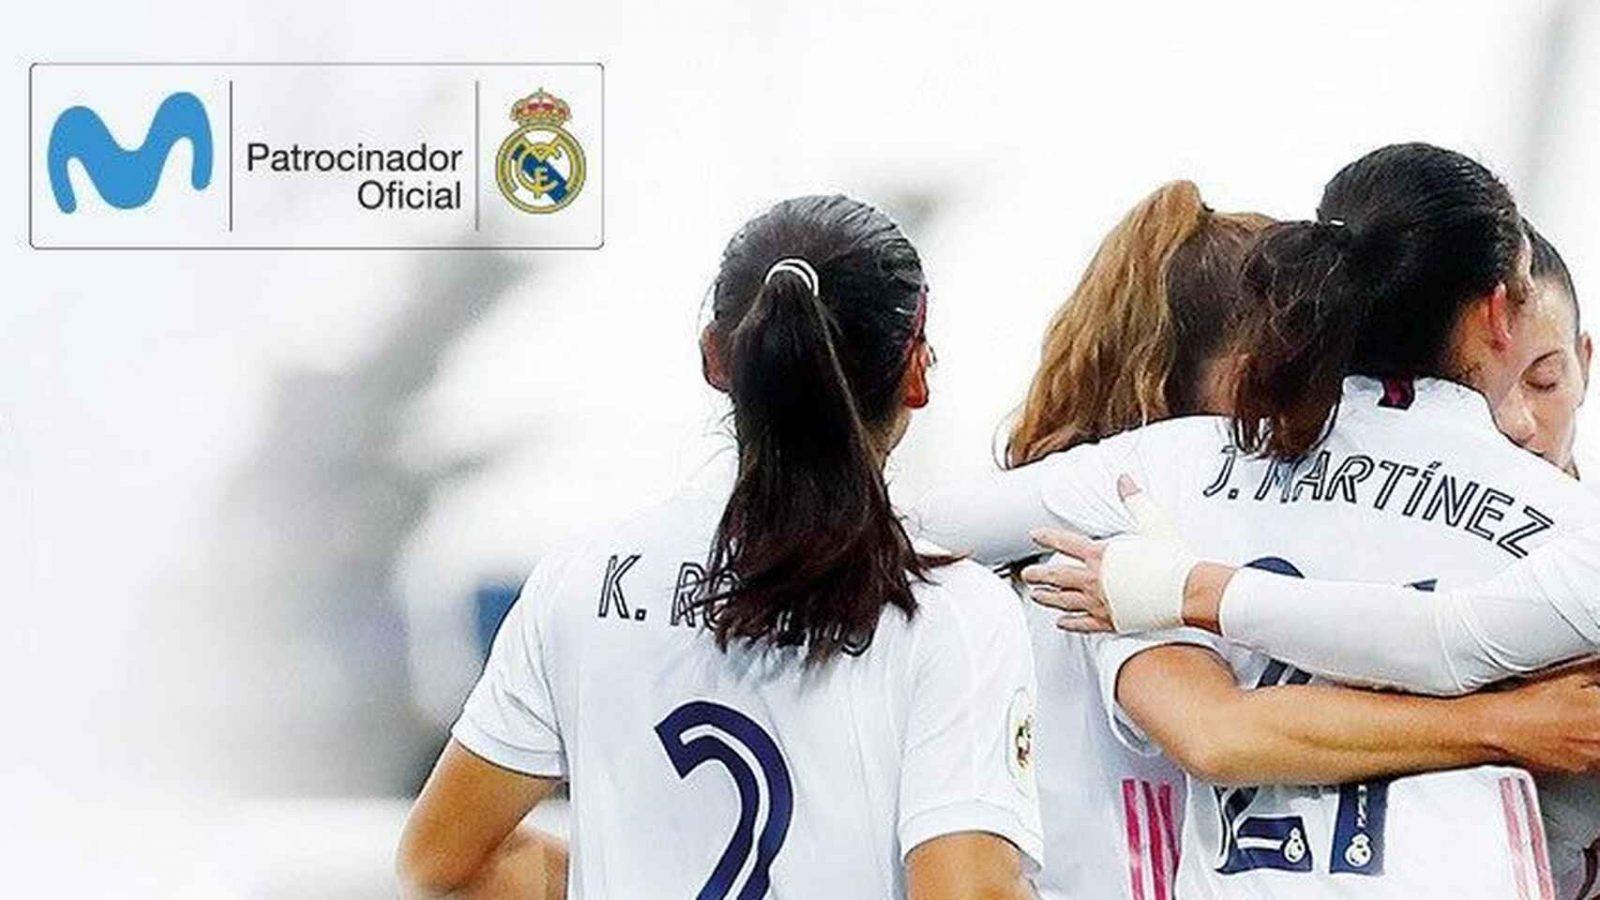 El Real Madrid femenino contará con el patrocinio de Movistar